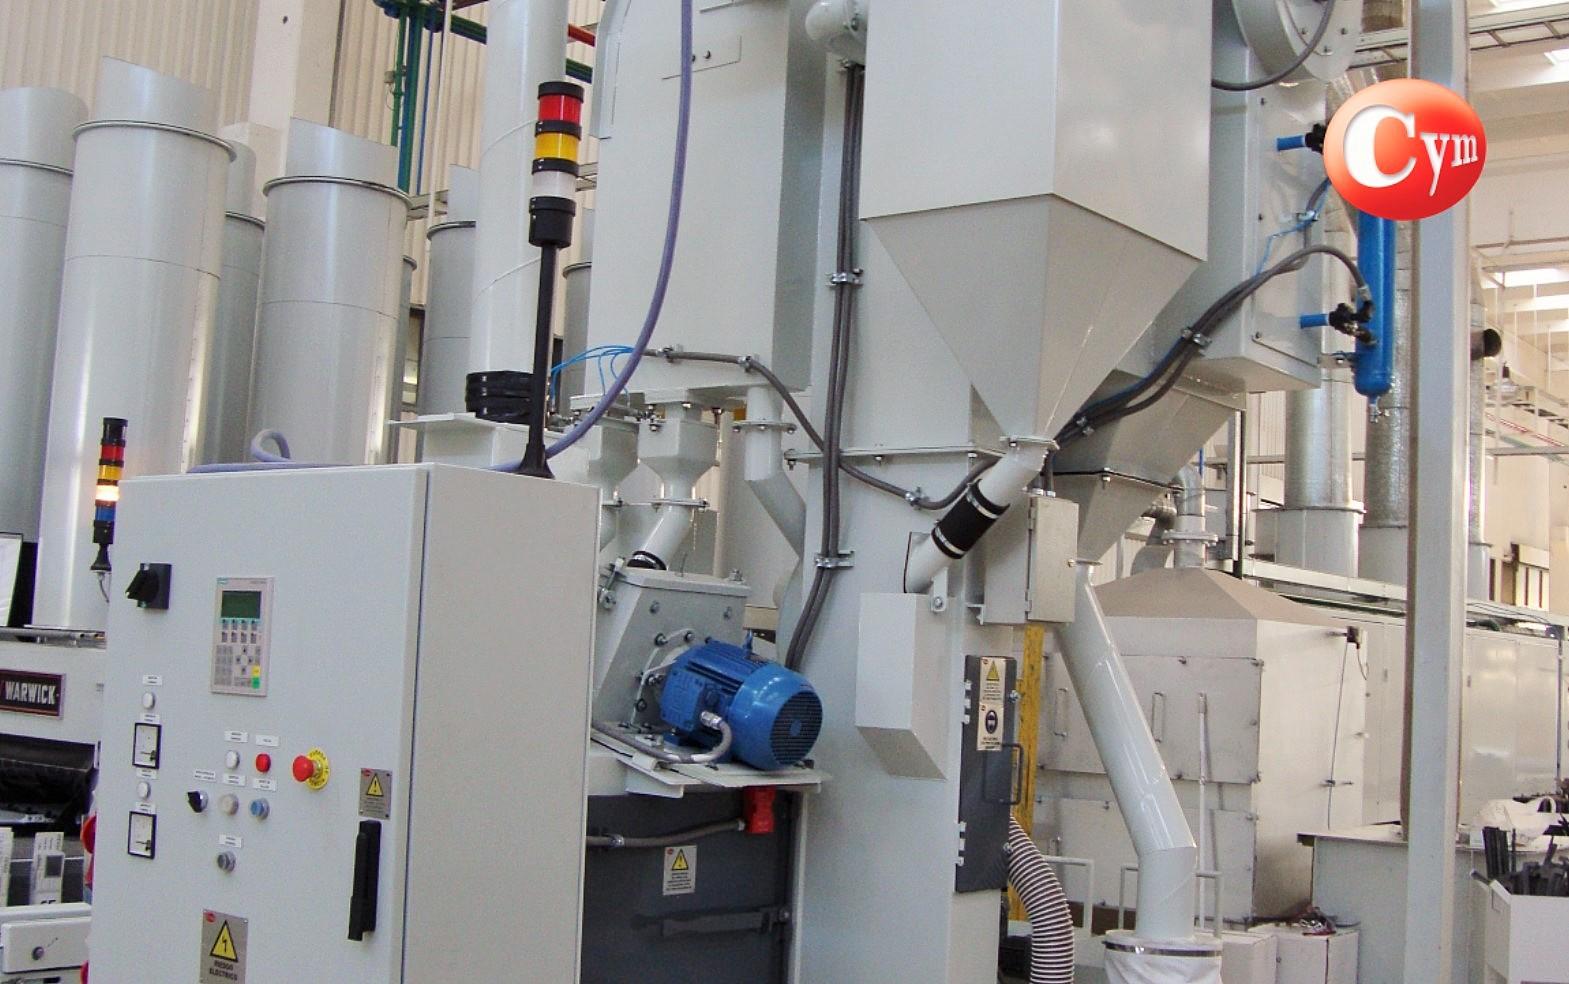 granalladora-de-cinta-continua-meshbelt-de-acero-cymmateriales